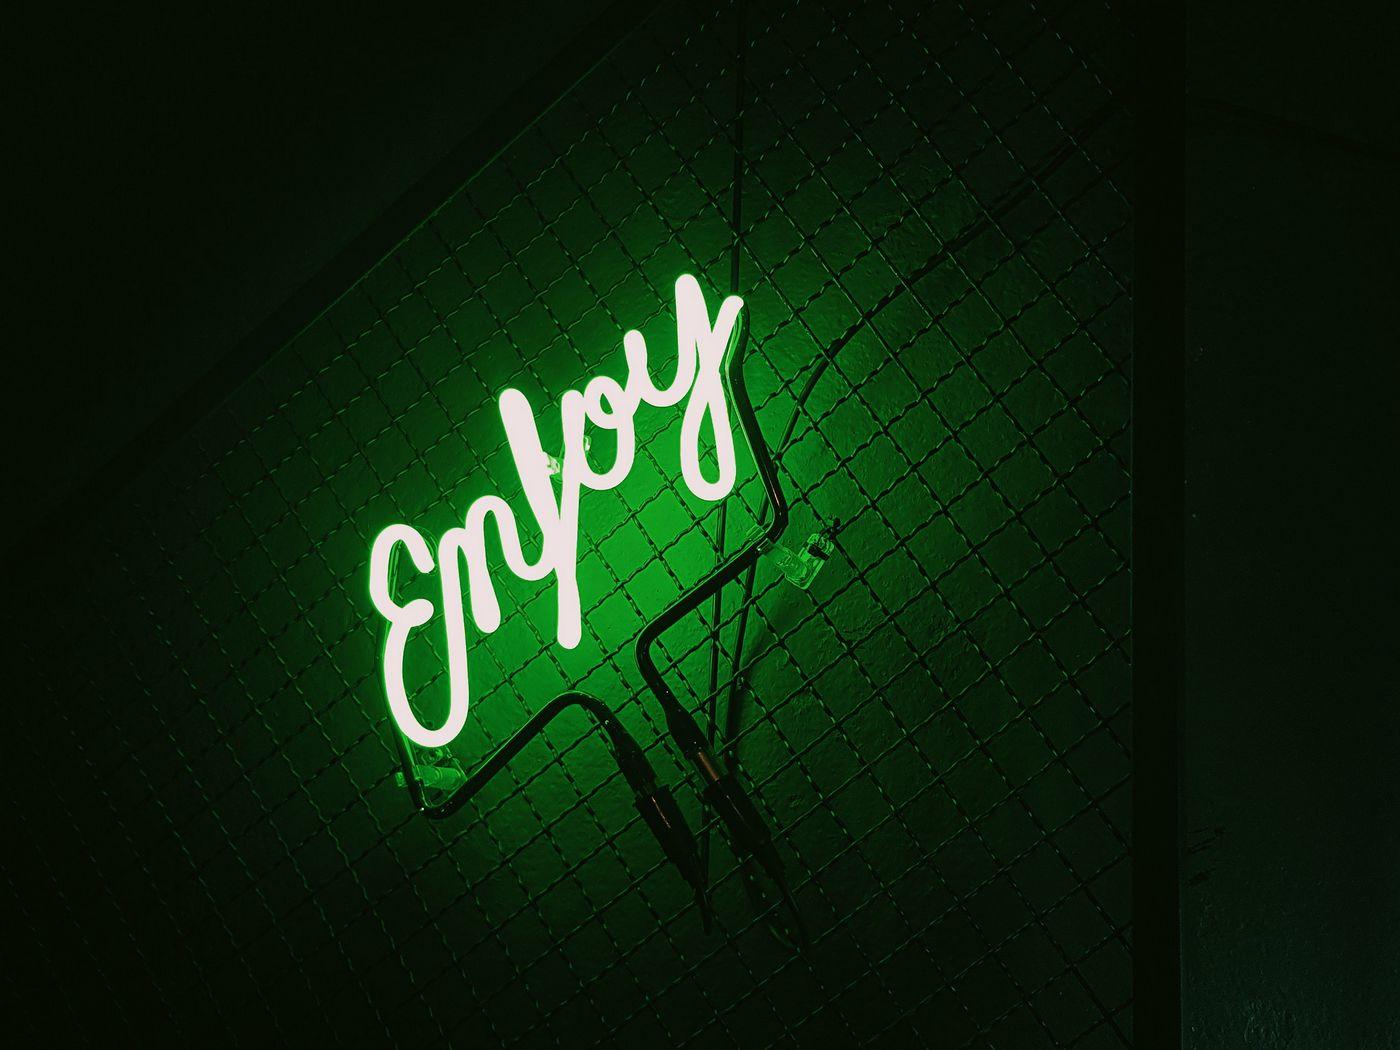 1400x1050 Wallpaper inscription, neon, backlight, green, dark